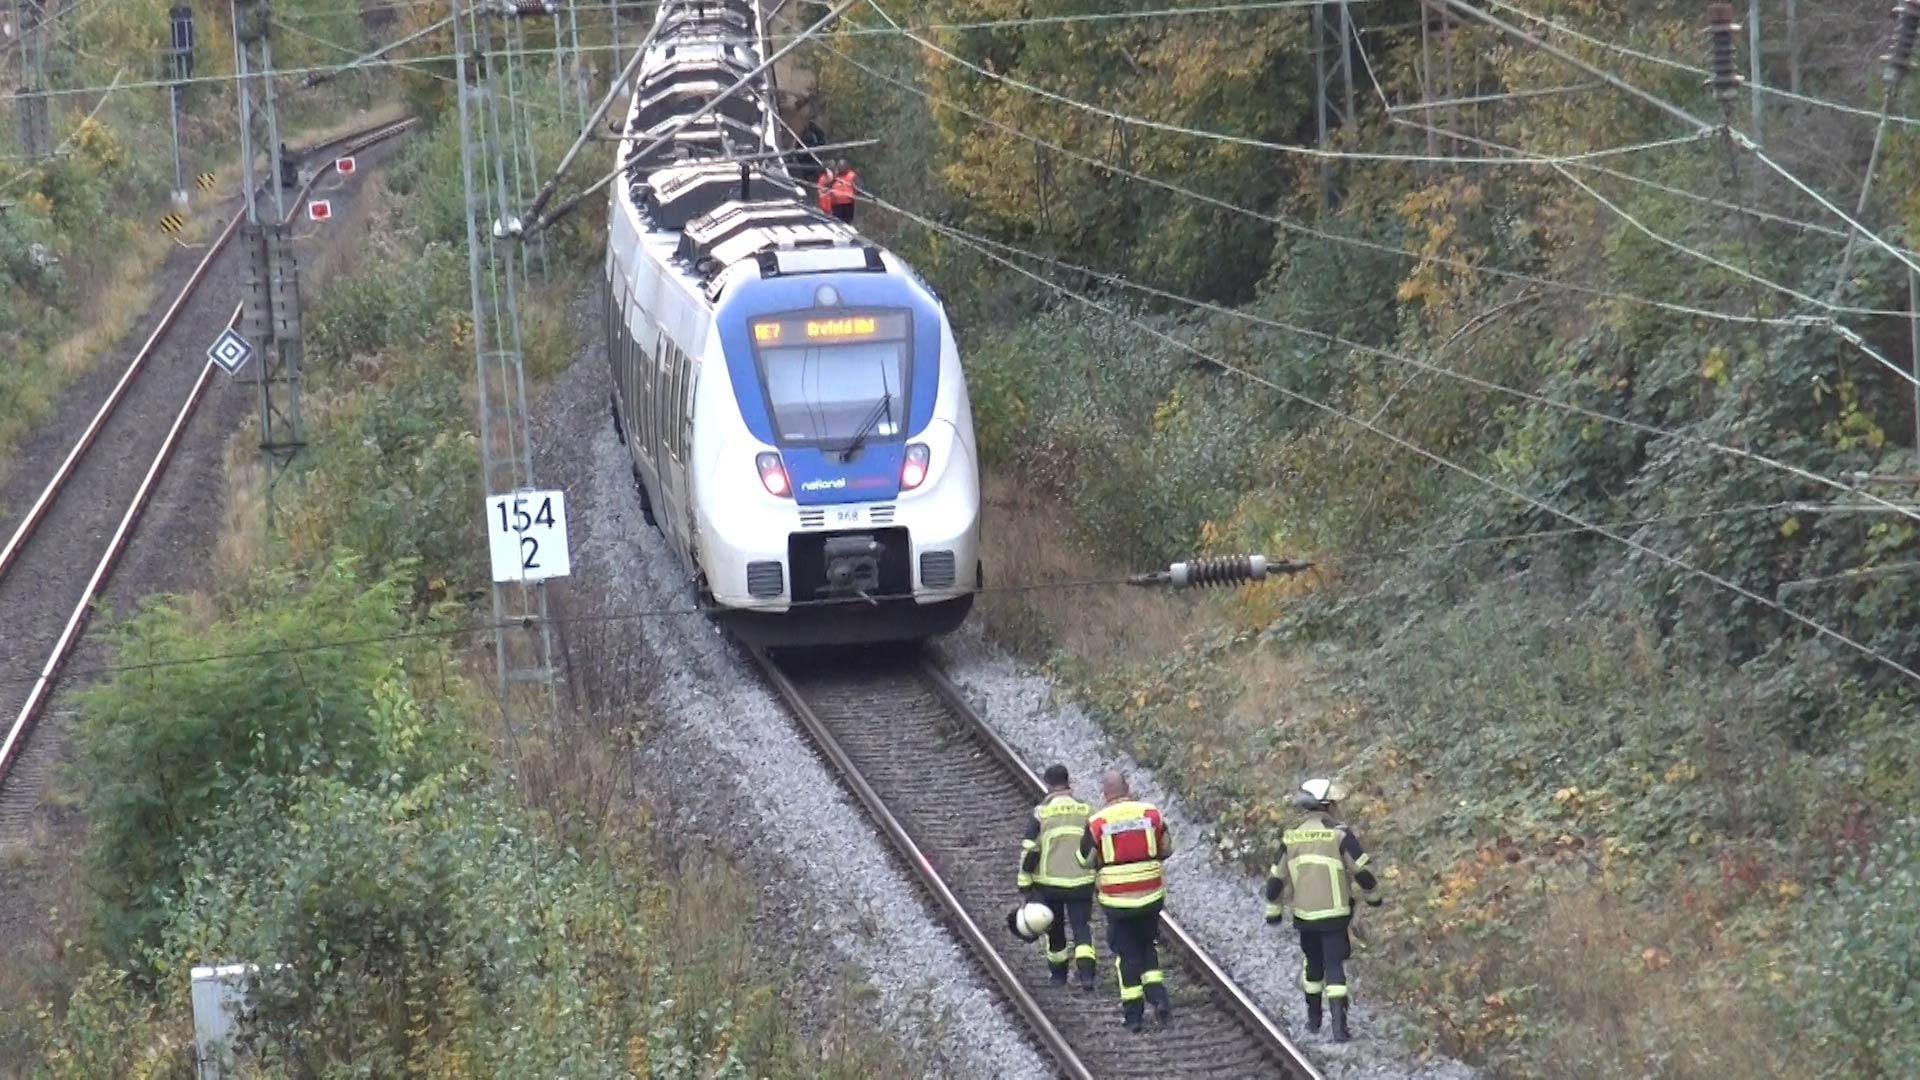 Zugführer äußert schlimme Befürchtung - Großeinsatz auf Bahnstrecke bei Schwerte